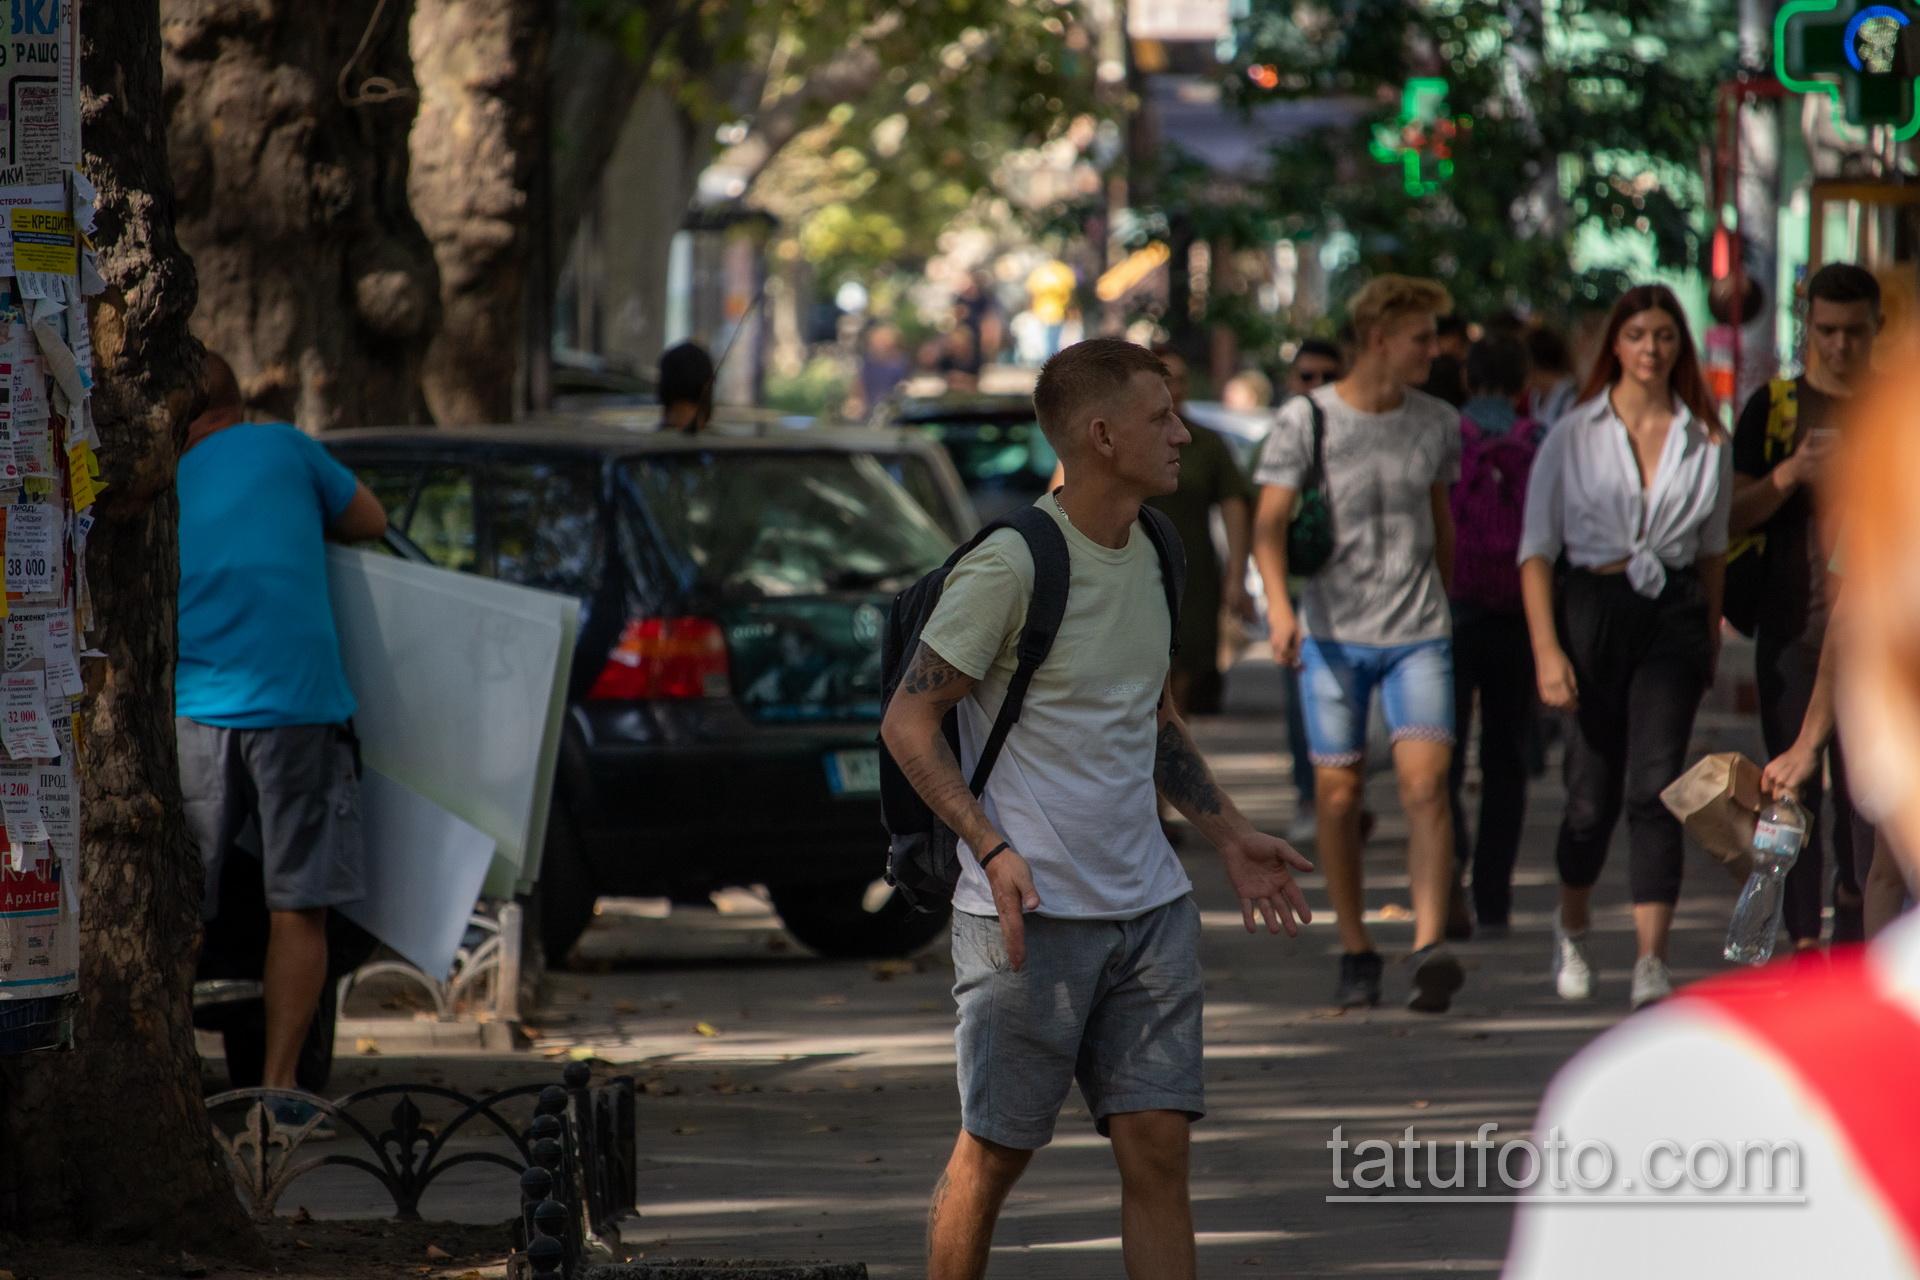 Молодой парень с тату на руках и ногах - Уличная татуировка 14.09.2020 – tatufoto.com 2